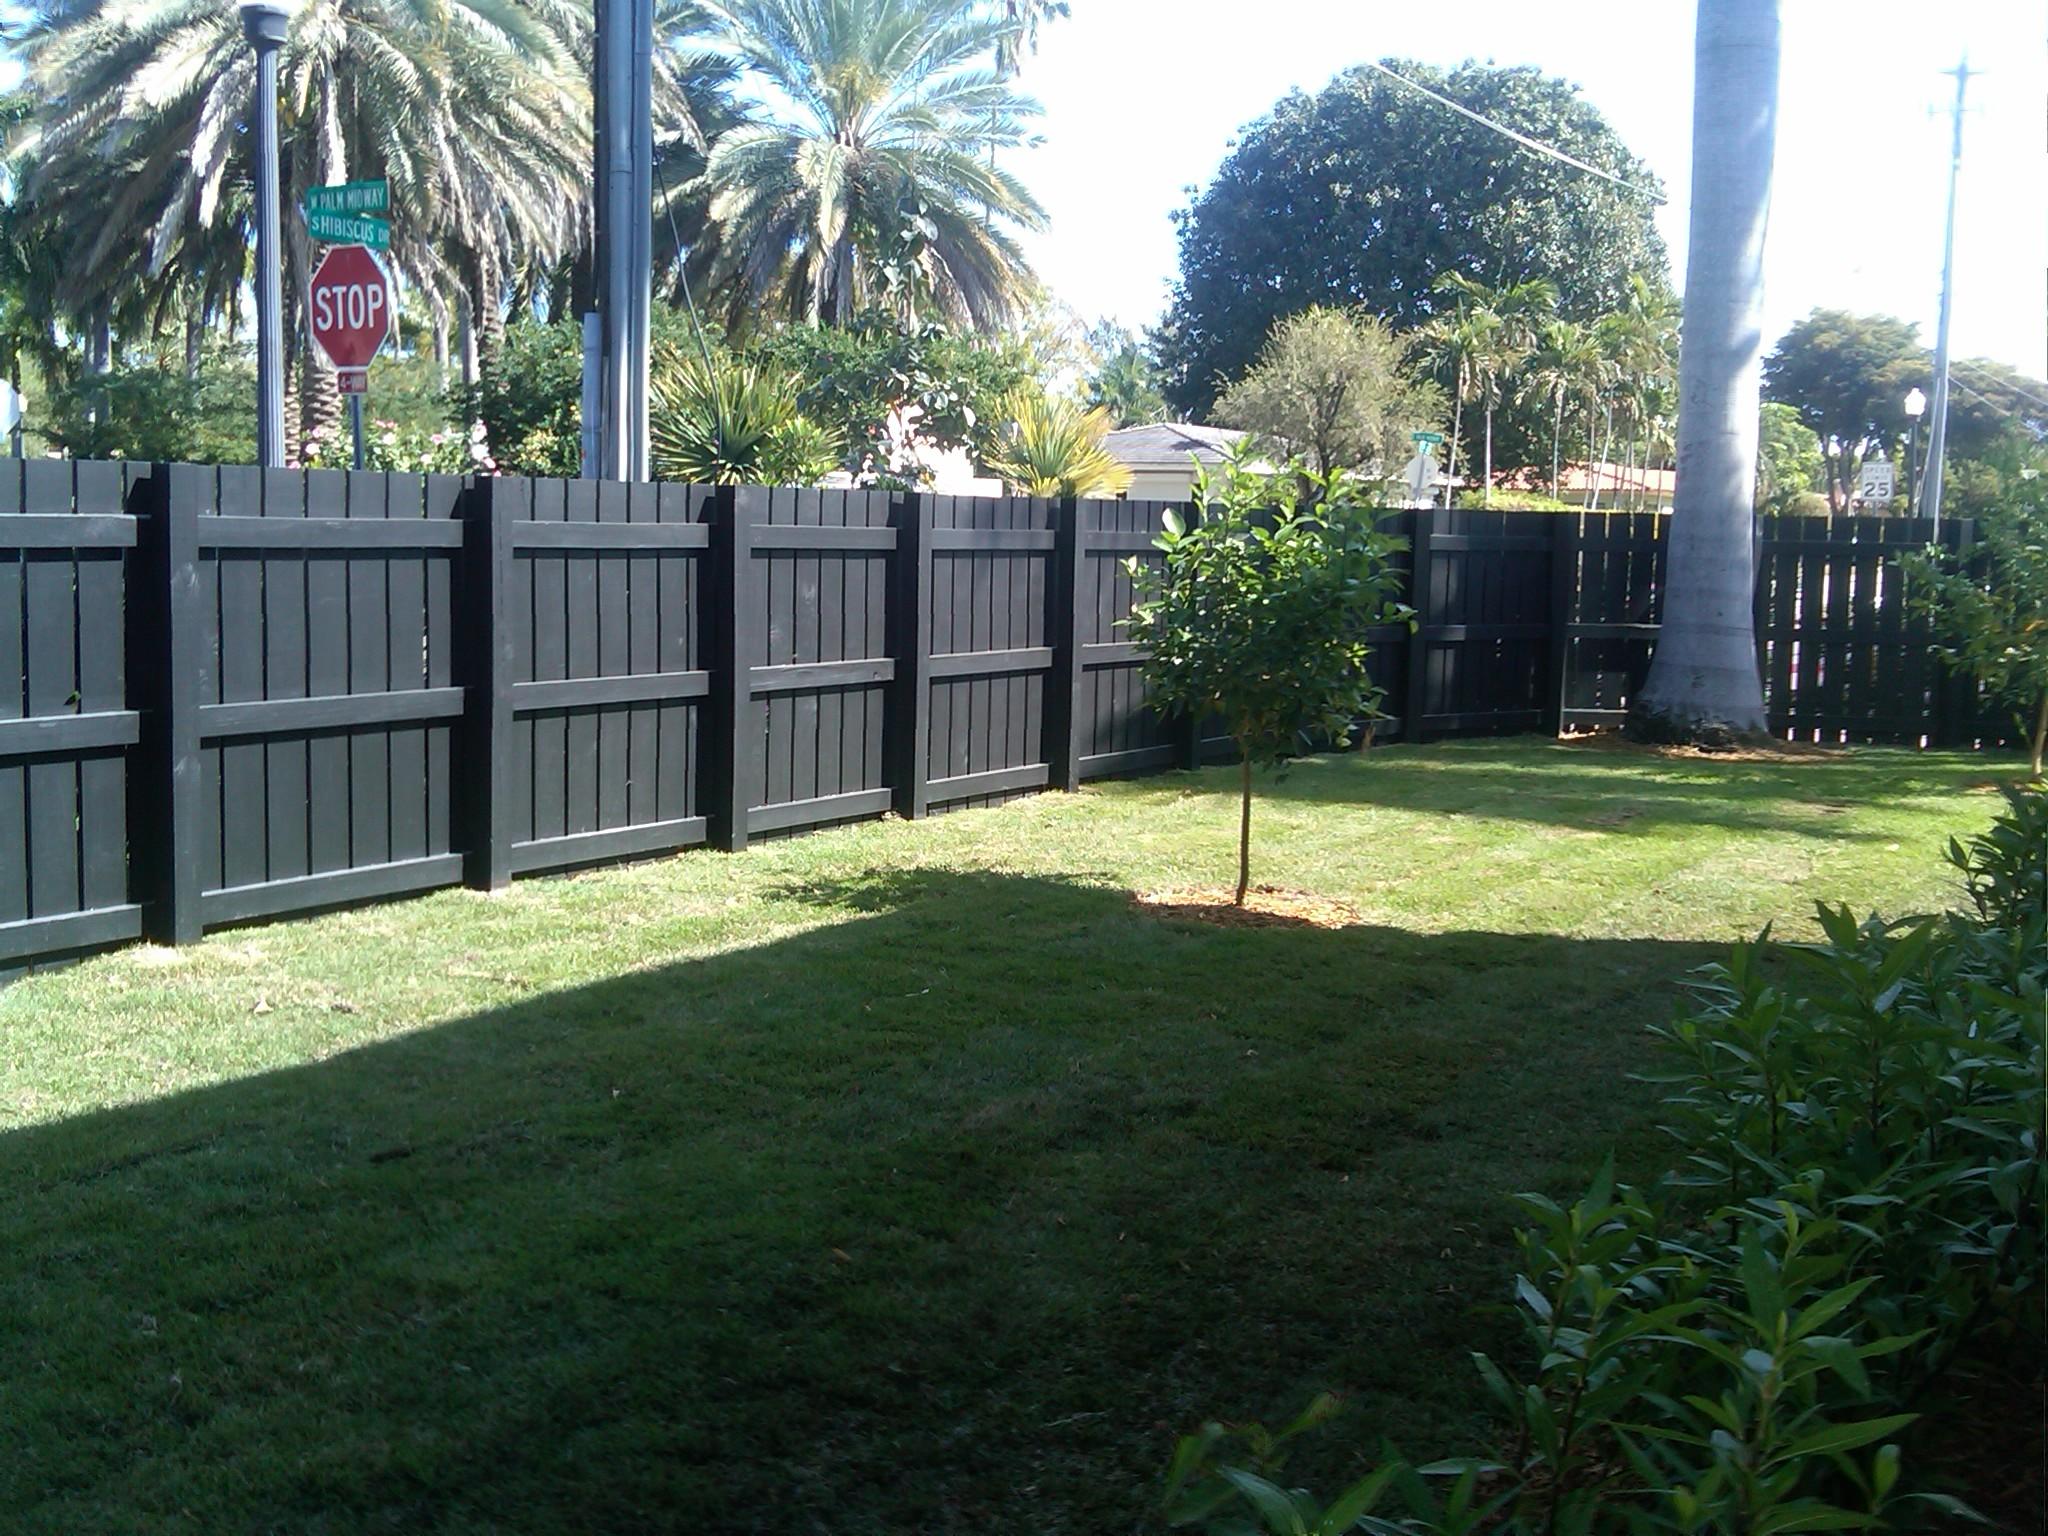 John 39 s garage door hialeah florida proview for Garage fence